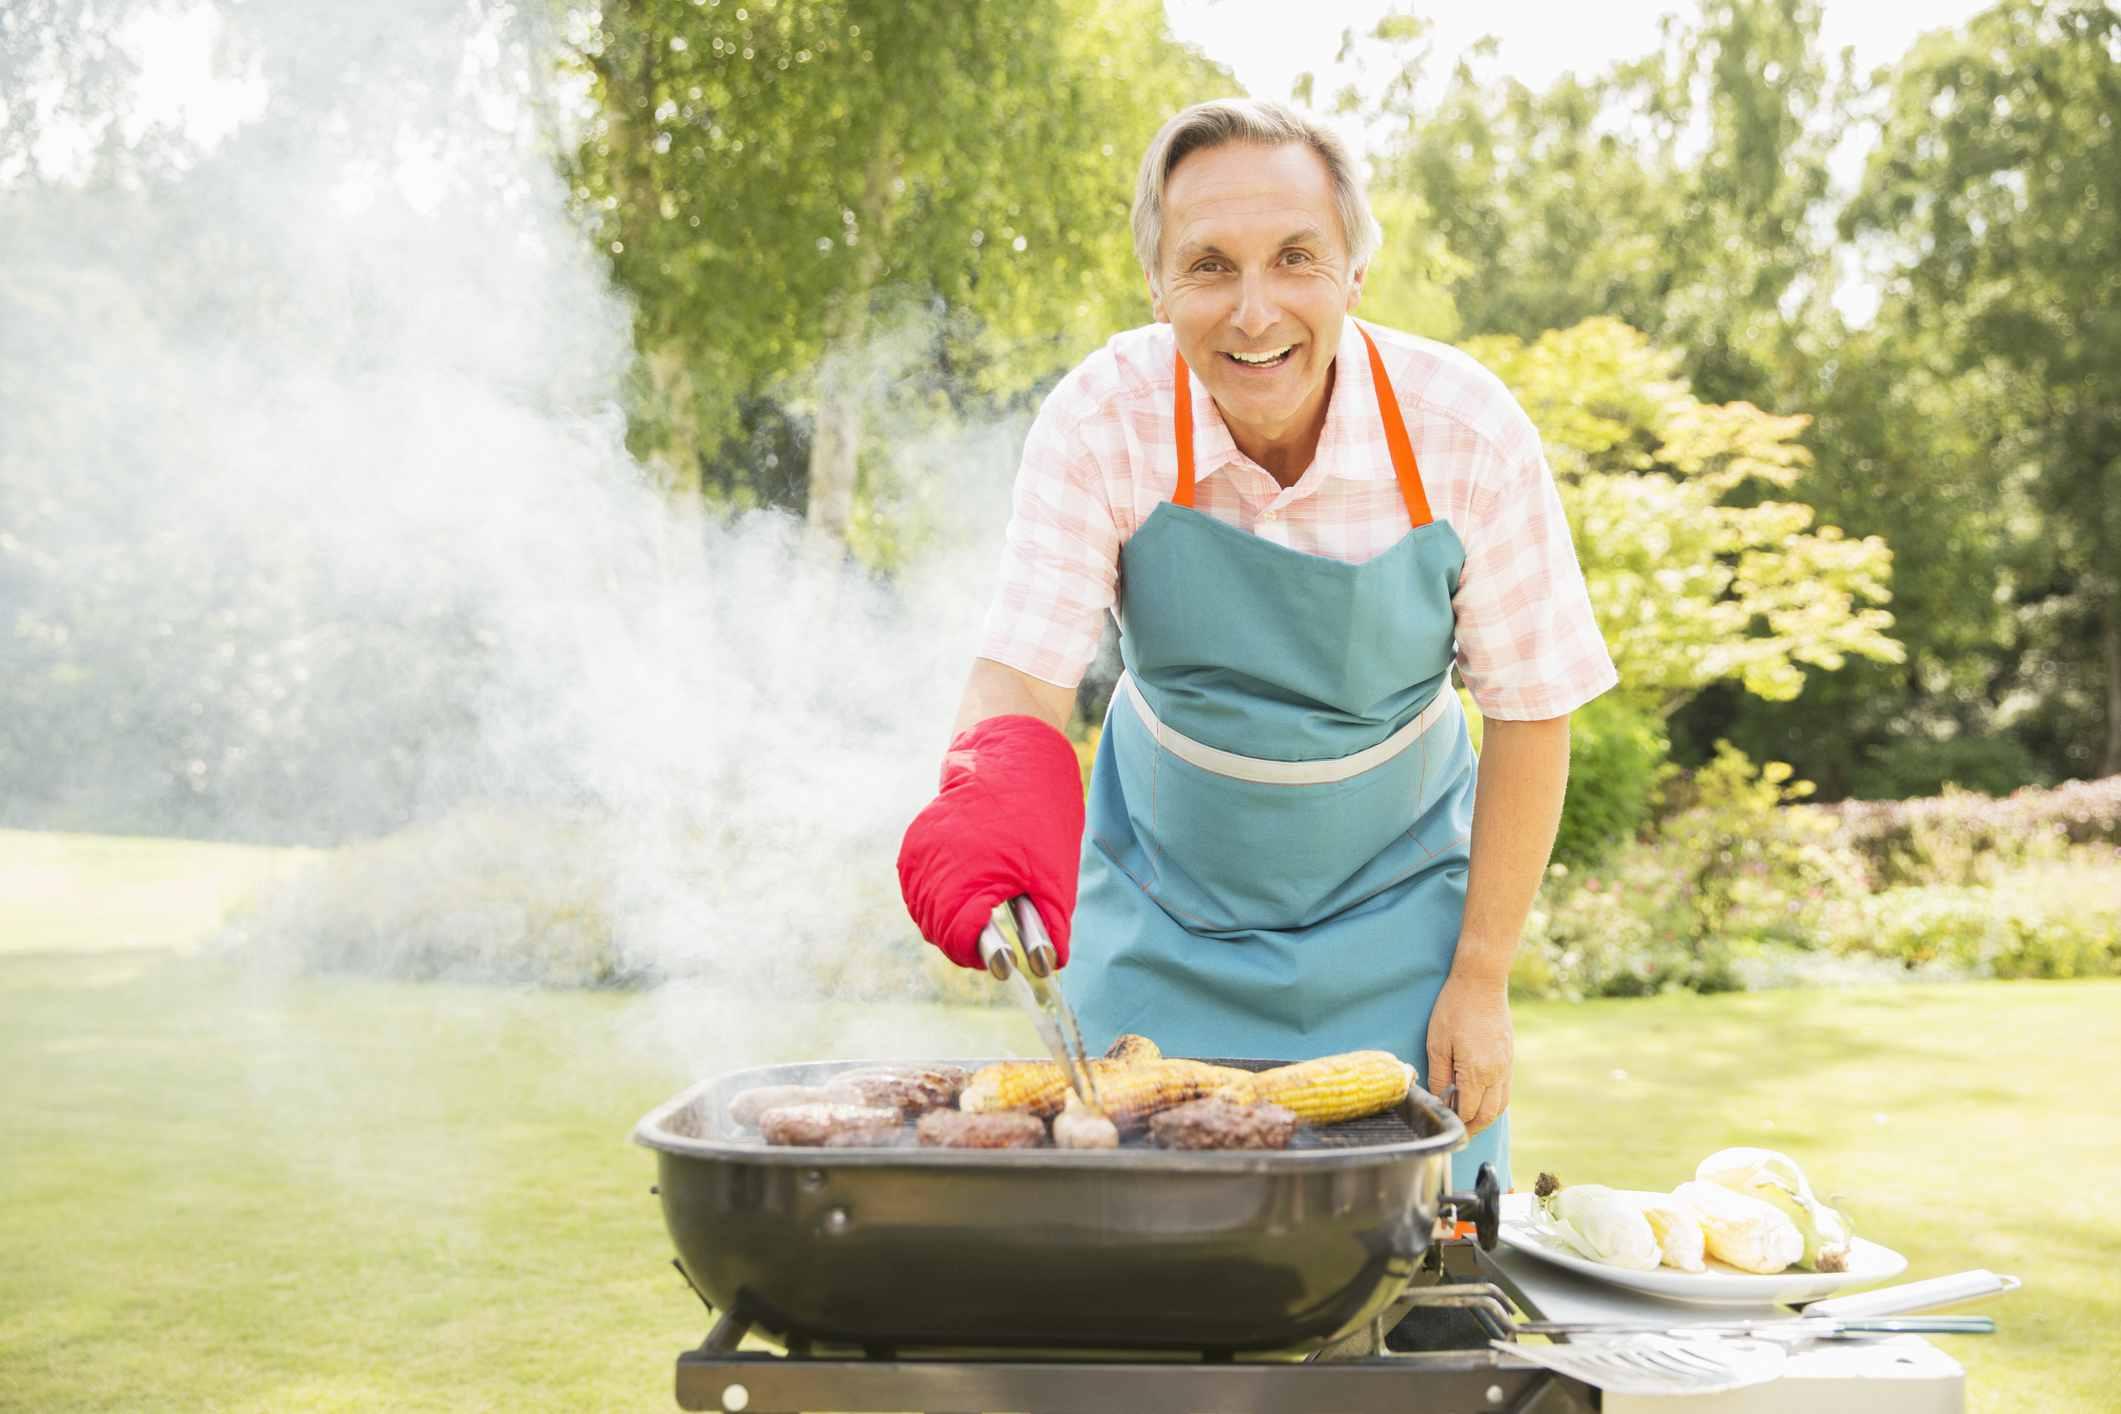 Principal con delantal y manopla de horno para asar alimentos en una parrilla de barbacoa . , Cocina al aire libre con parrilla, encimera y sillas